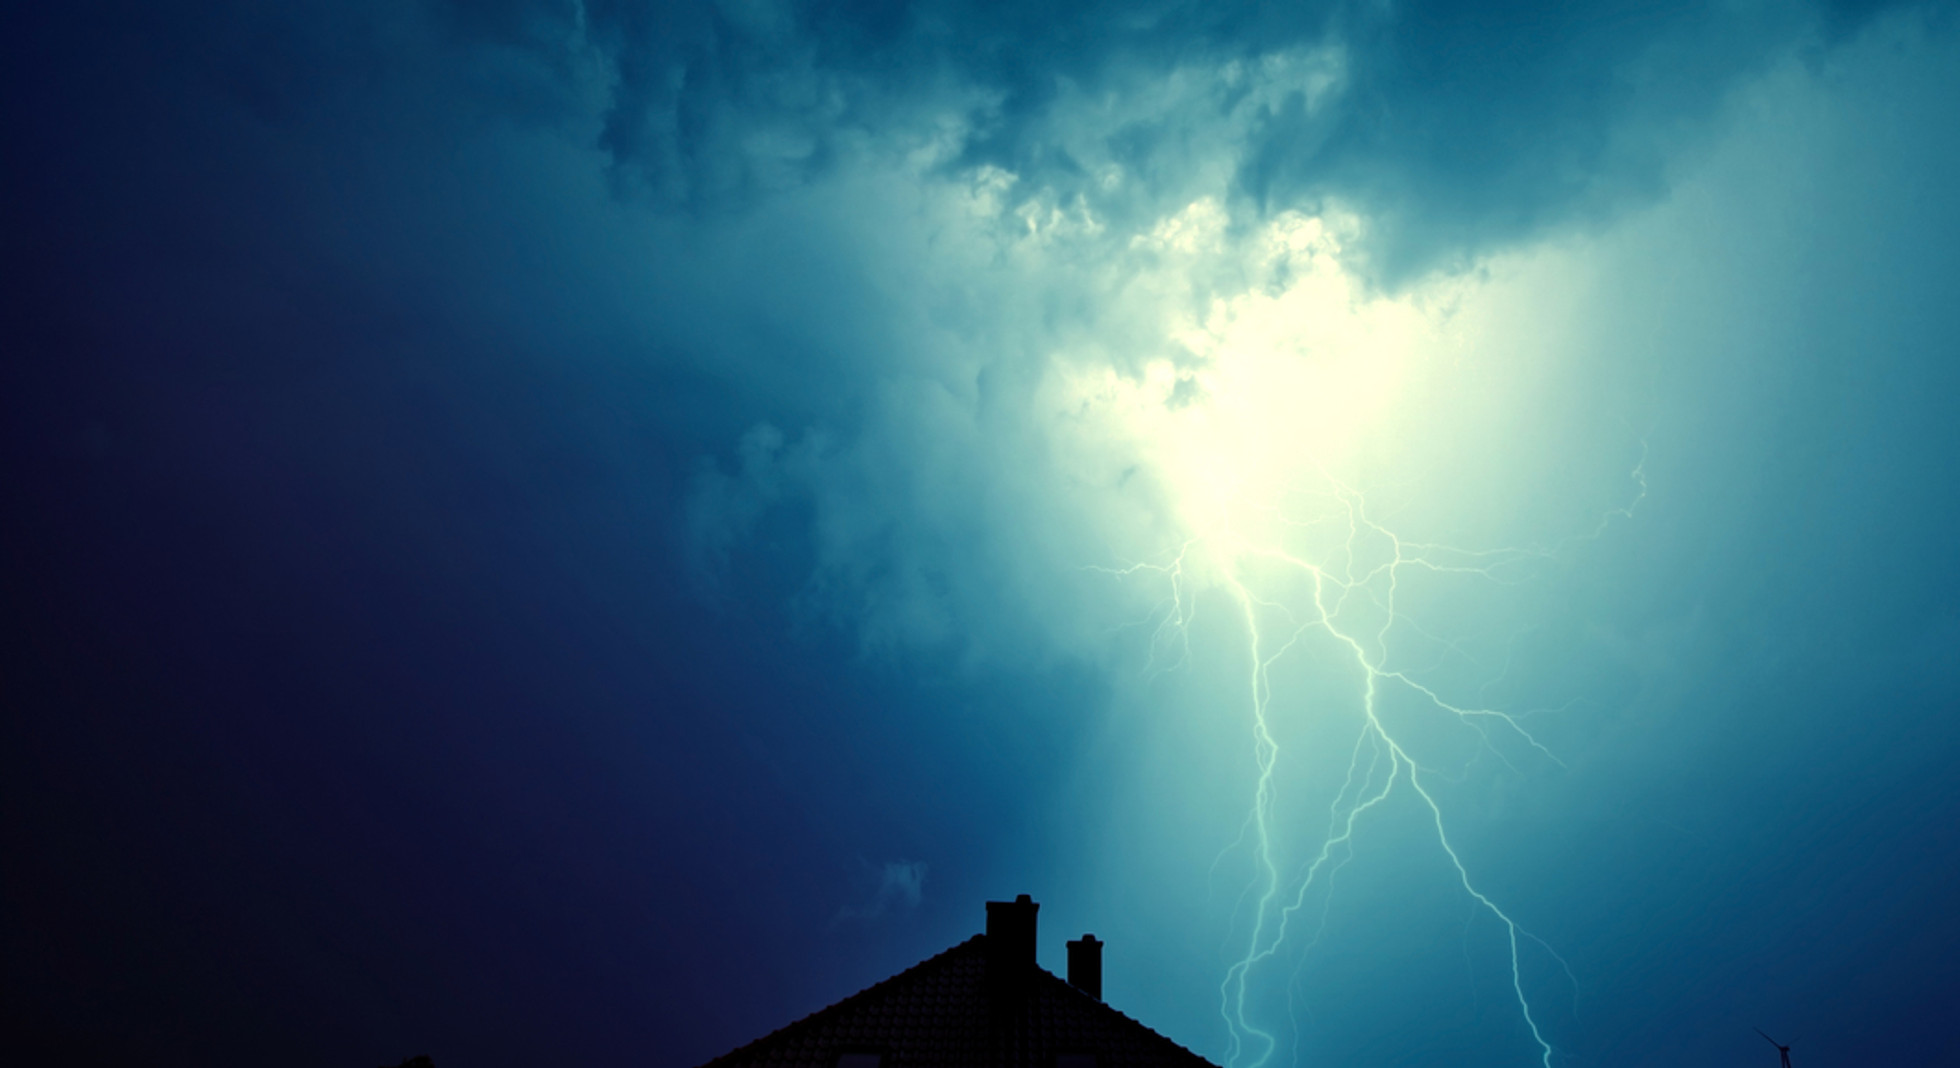 Storm op komst? Dit zijn onze preventietips